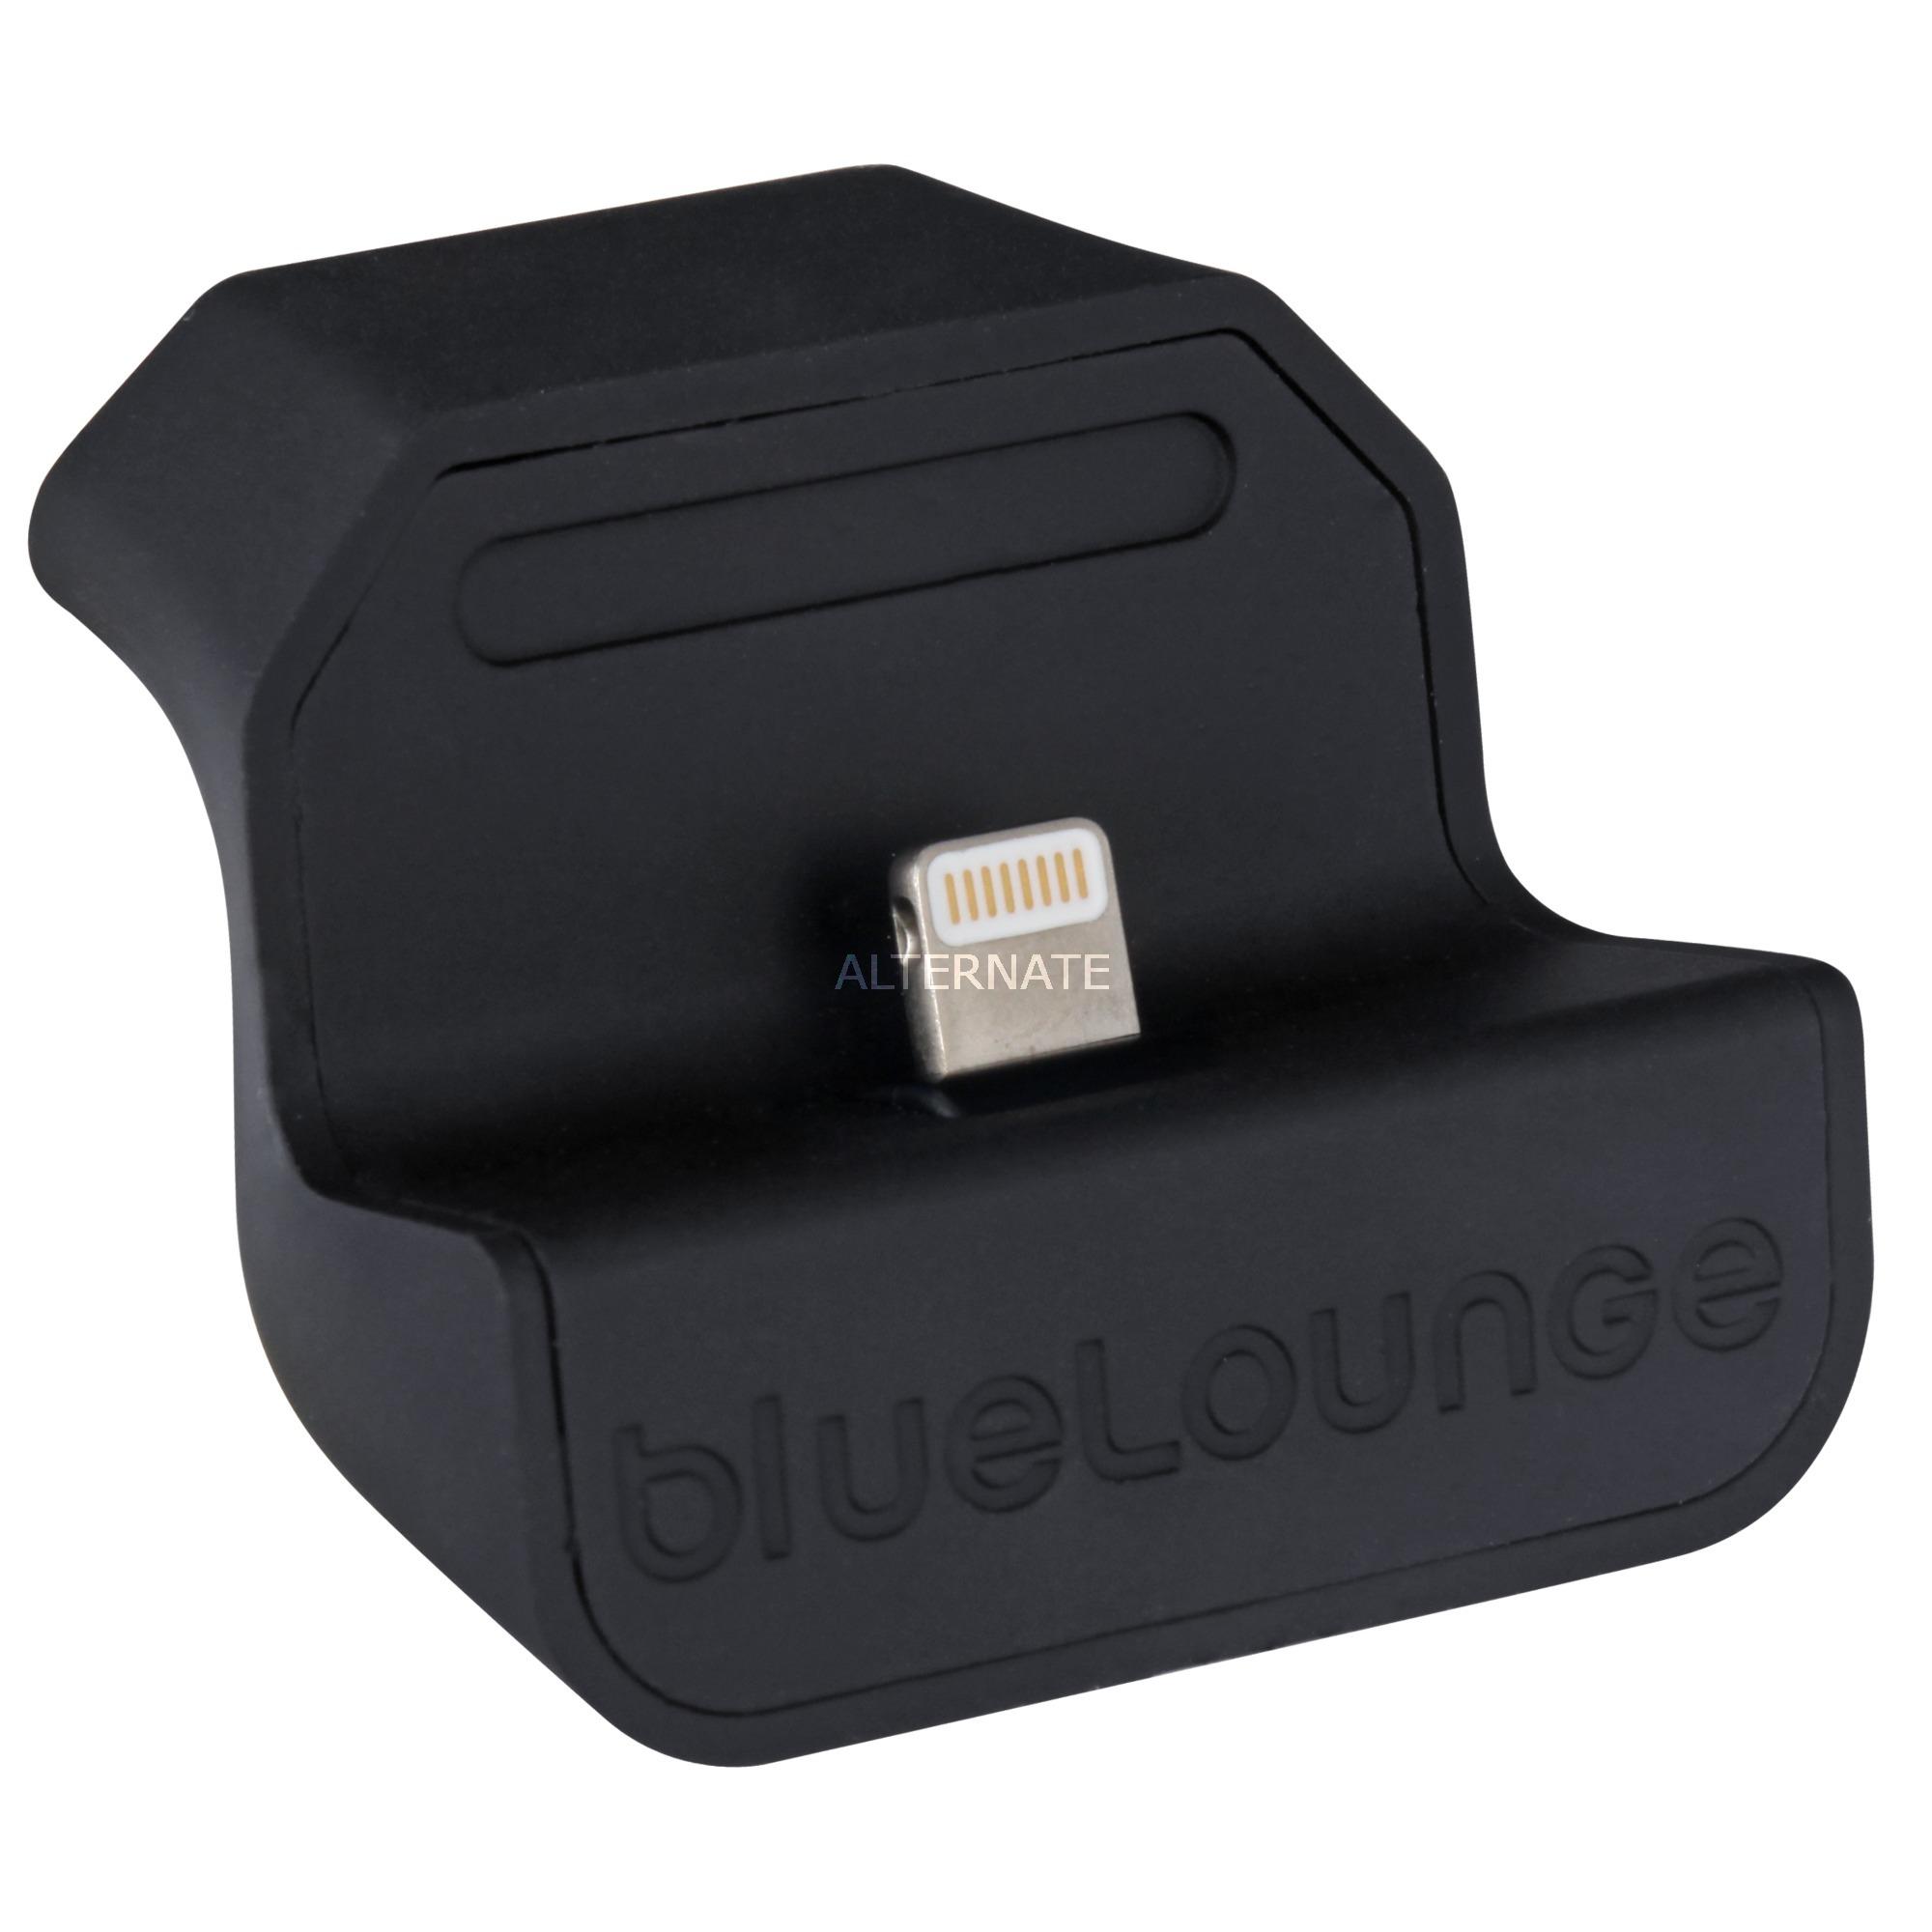 MD-EU-L Auto Noir chargeur de téléphones portables, Station d'accueil